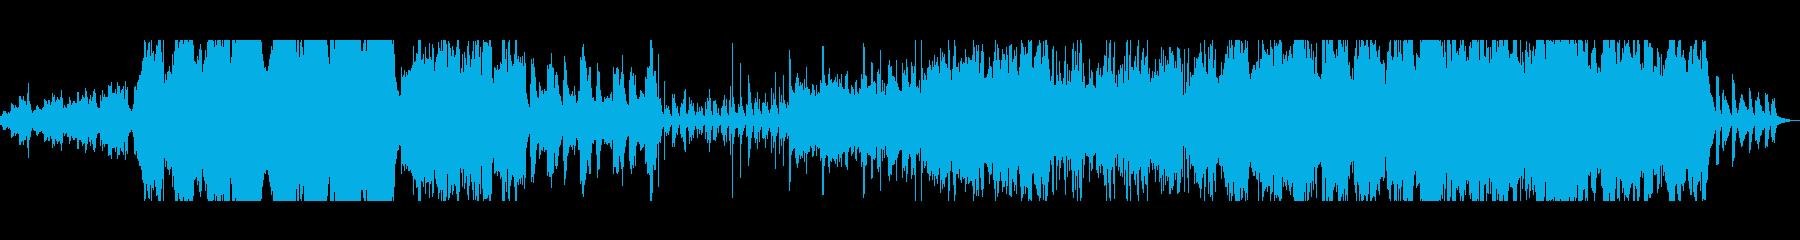 緊迫感のあるオーケストラ曲の再生済みの波形